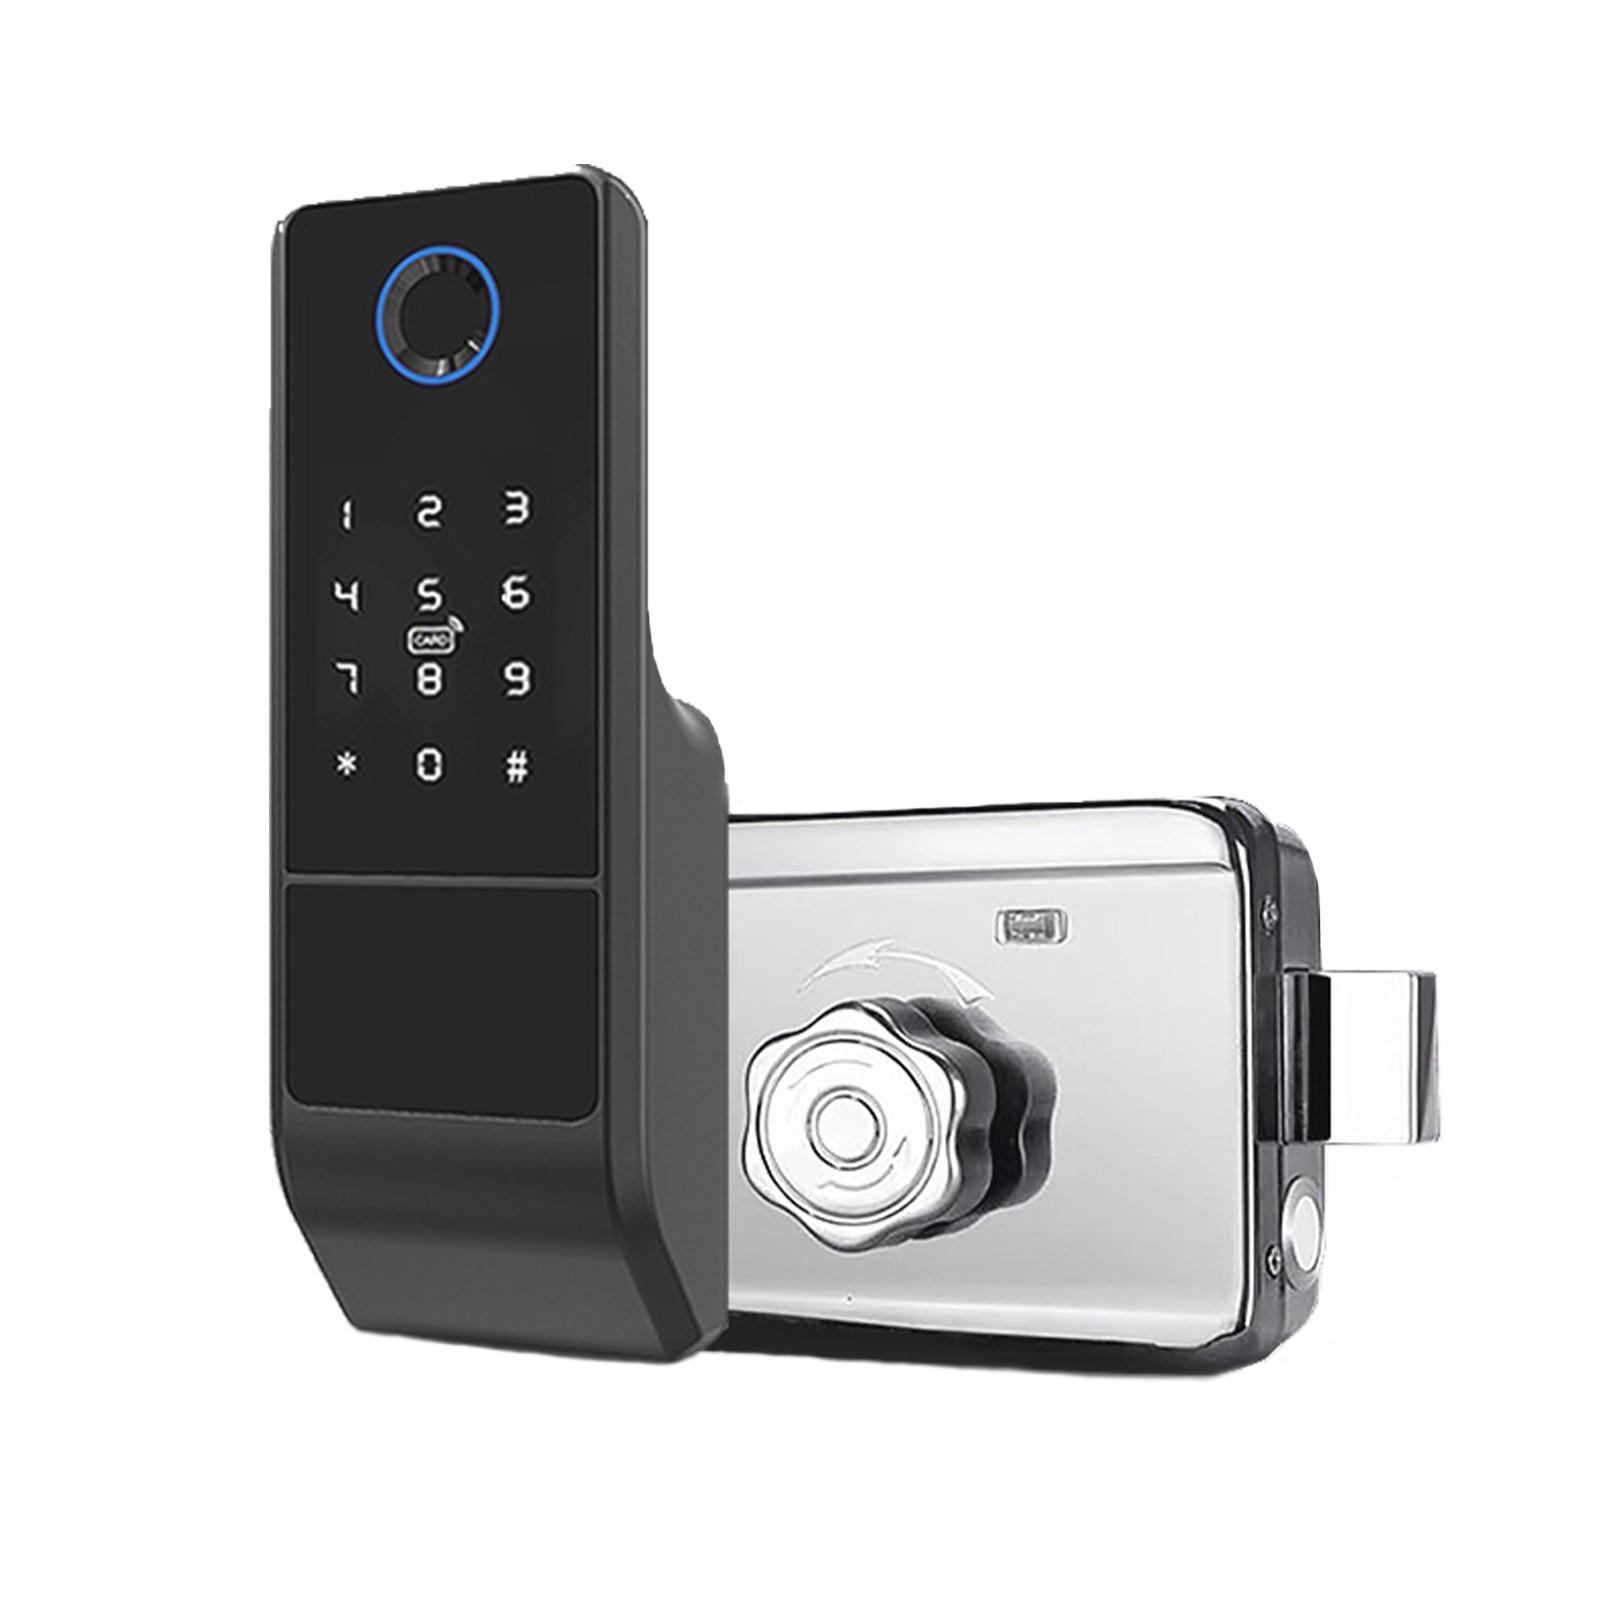 Get Tuya Smart Door Lock Fingerprint Password Key NFC Unlock With Doorbell Touchscreen Keypad Electronic Lock